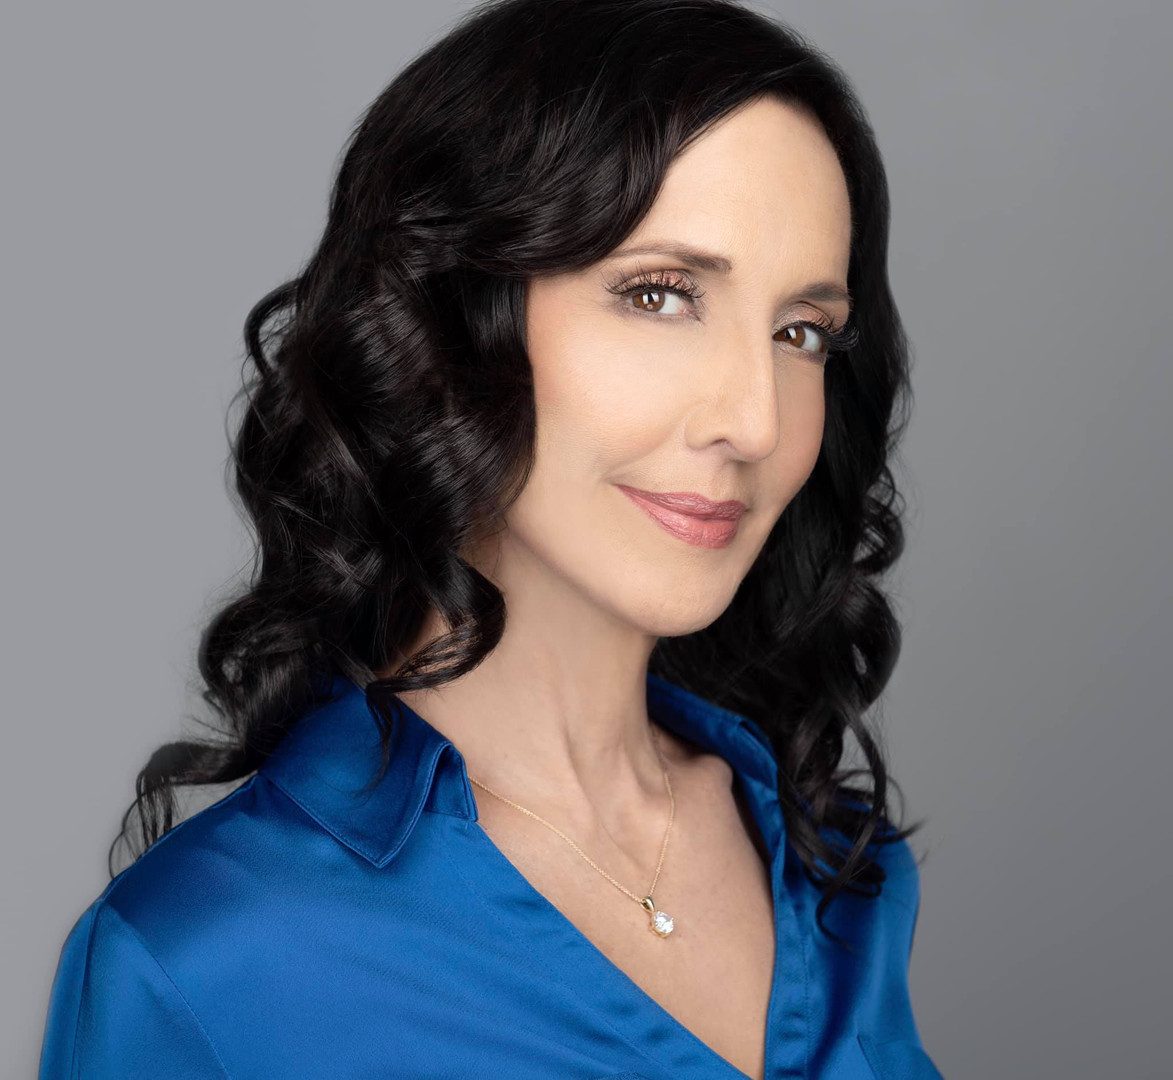 blue shirt mature woman